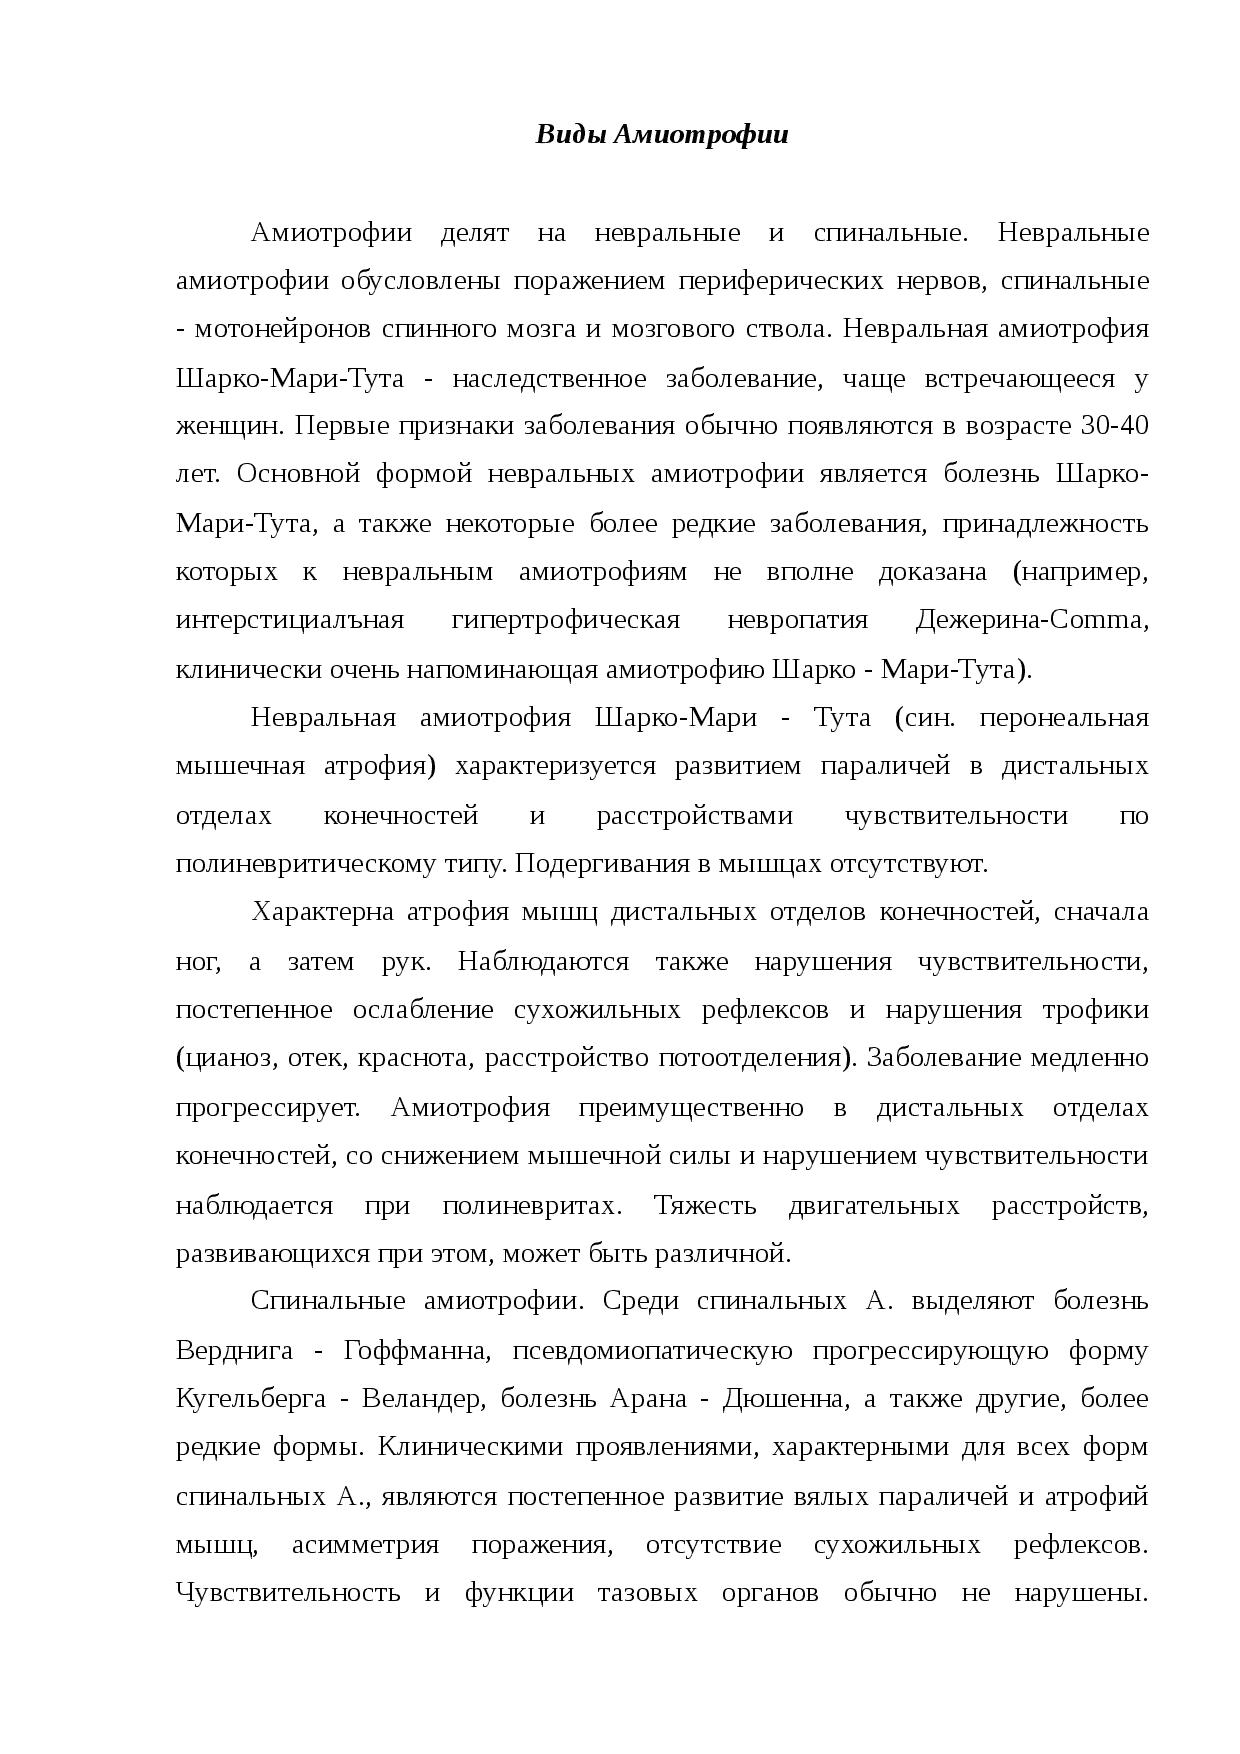 Патология шарко-мари-тута, генетика бывает коварна